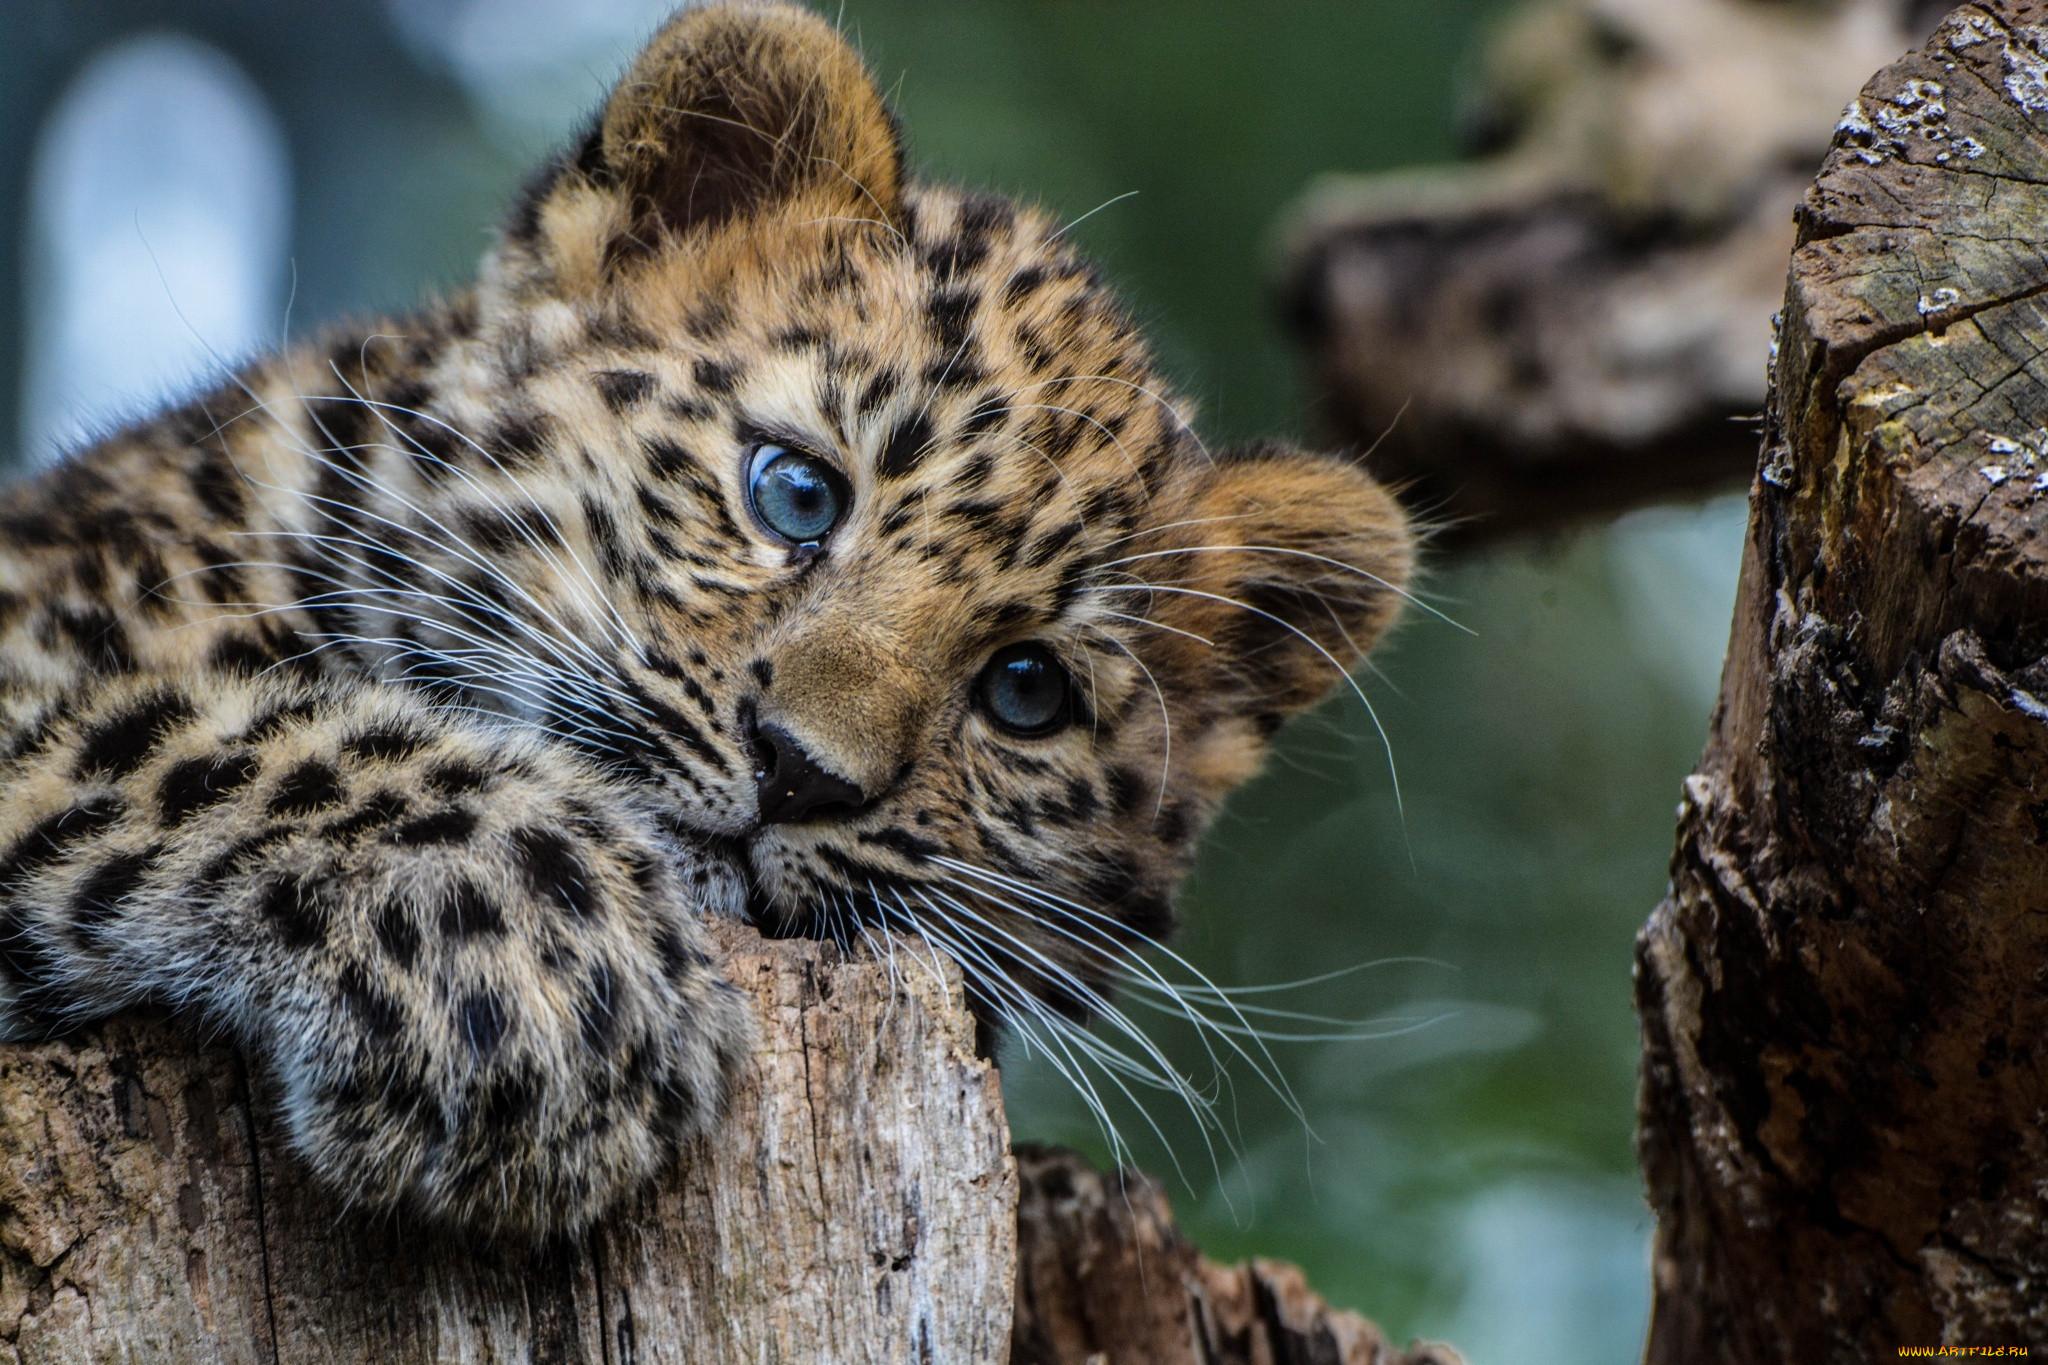 признавалась, что дальневосточный леопард фото на рабочий стол виду карбыш